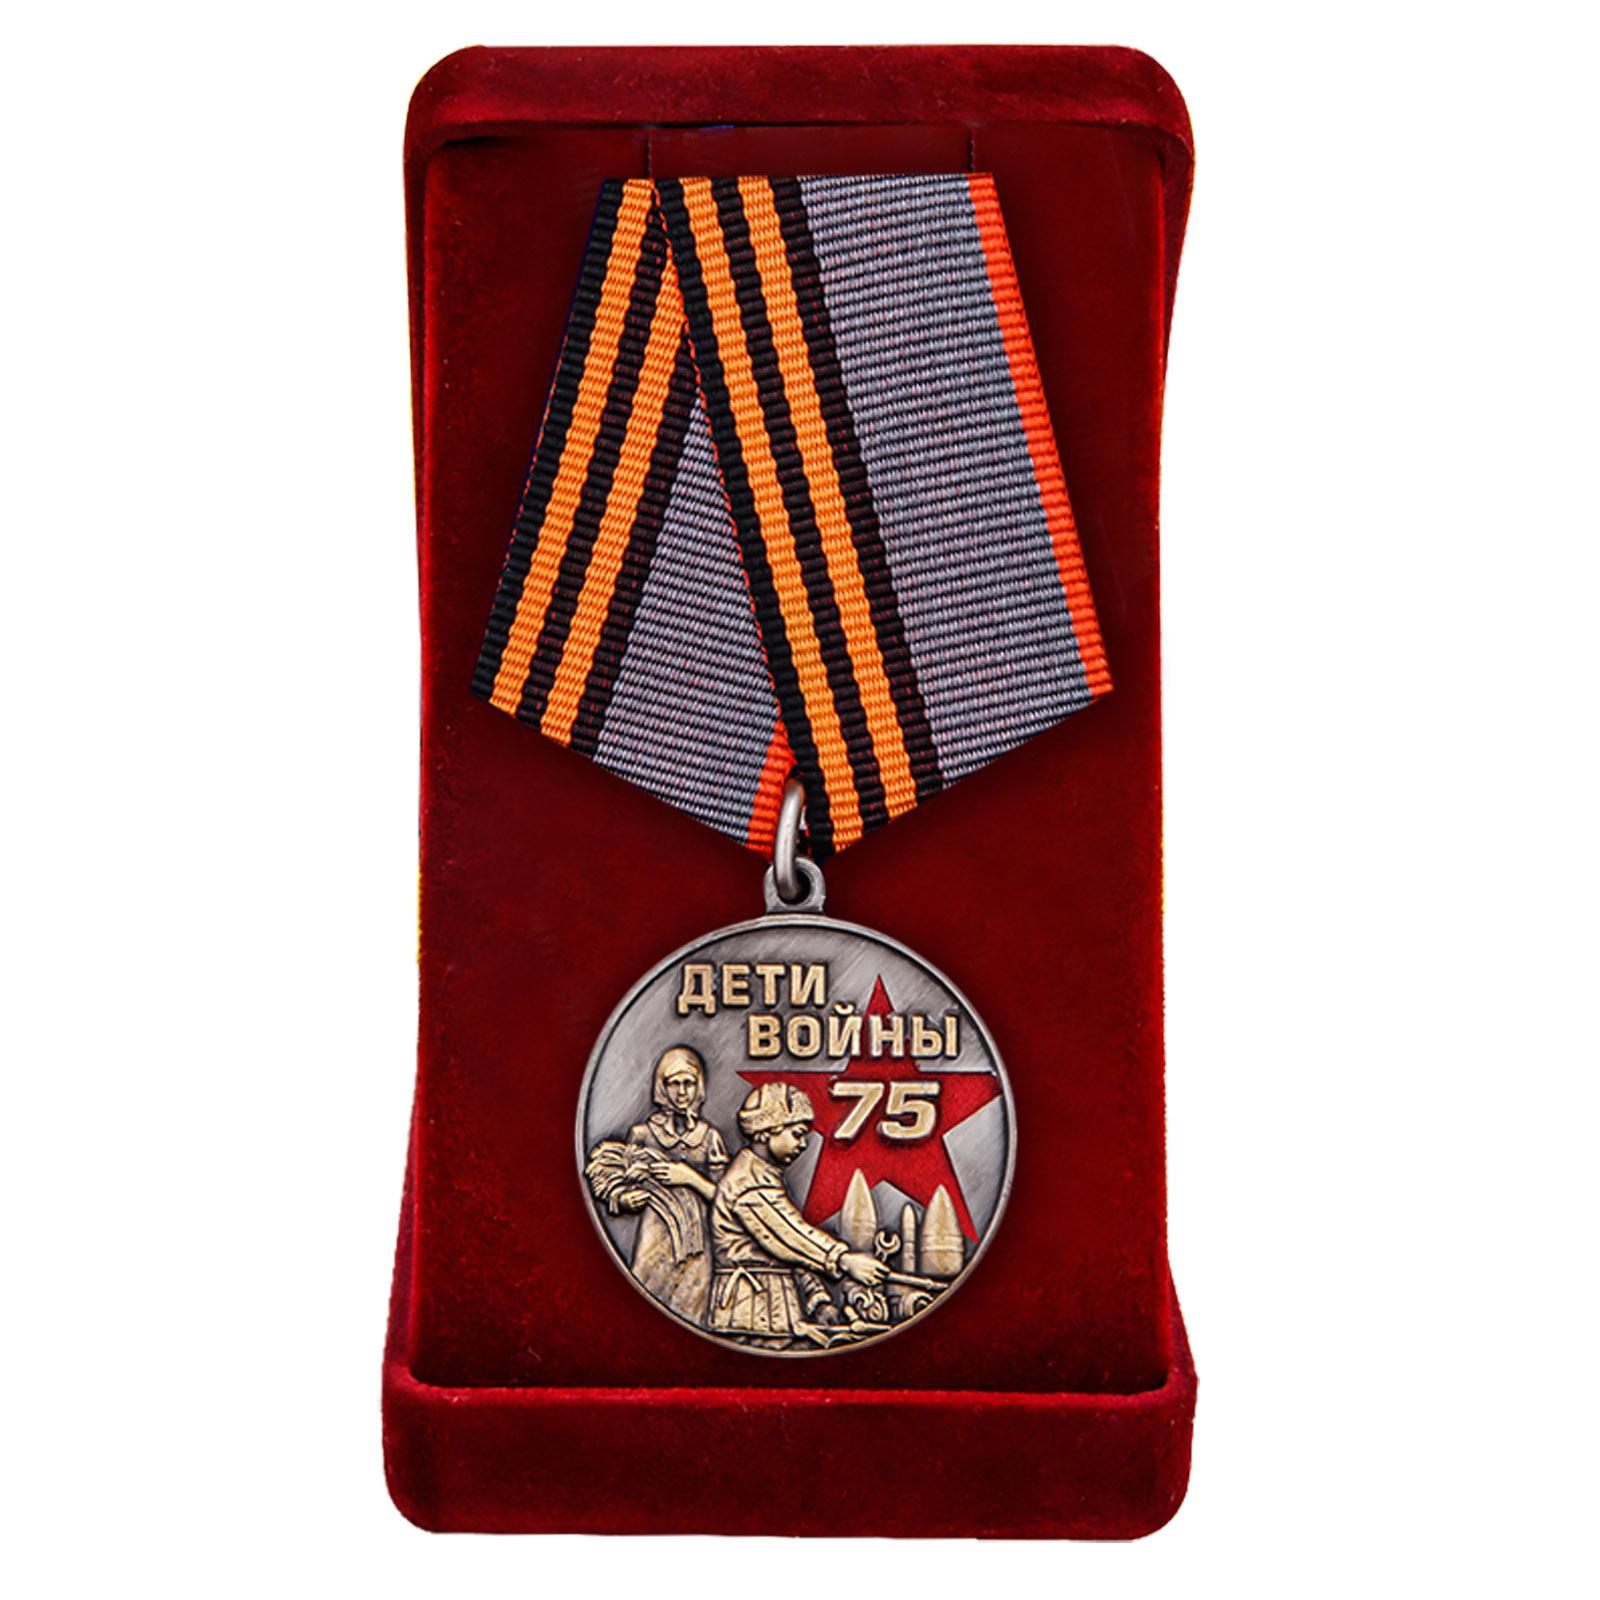 """Купить памятную медаль """"Дети войны"""" в футляре выгодно онлайн"""